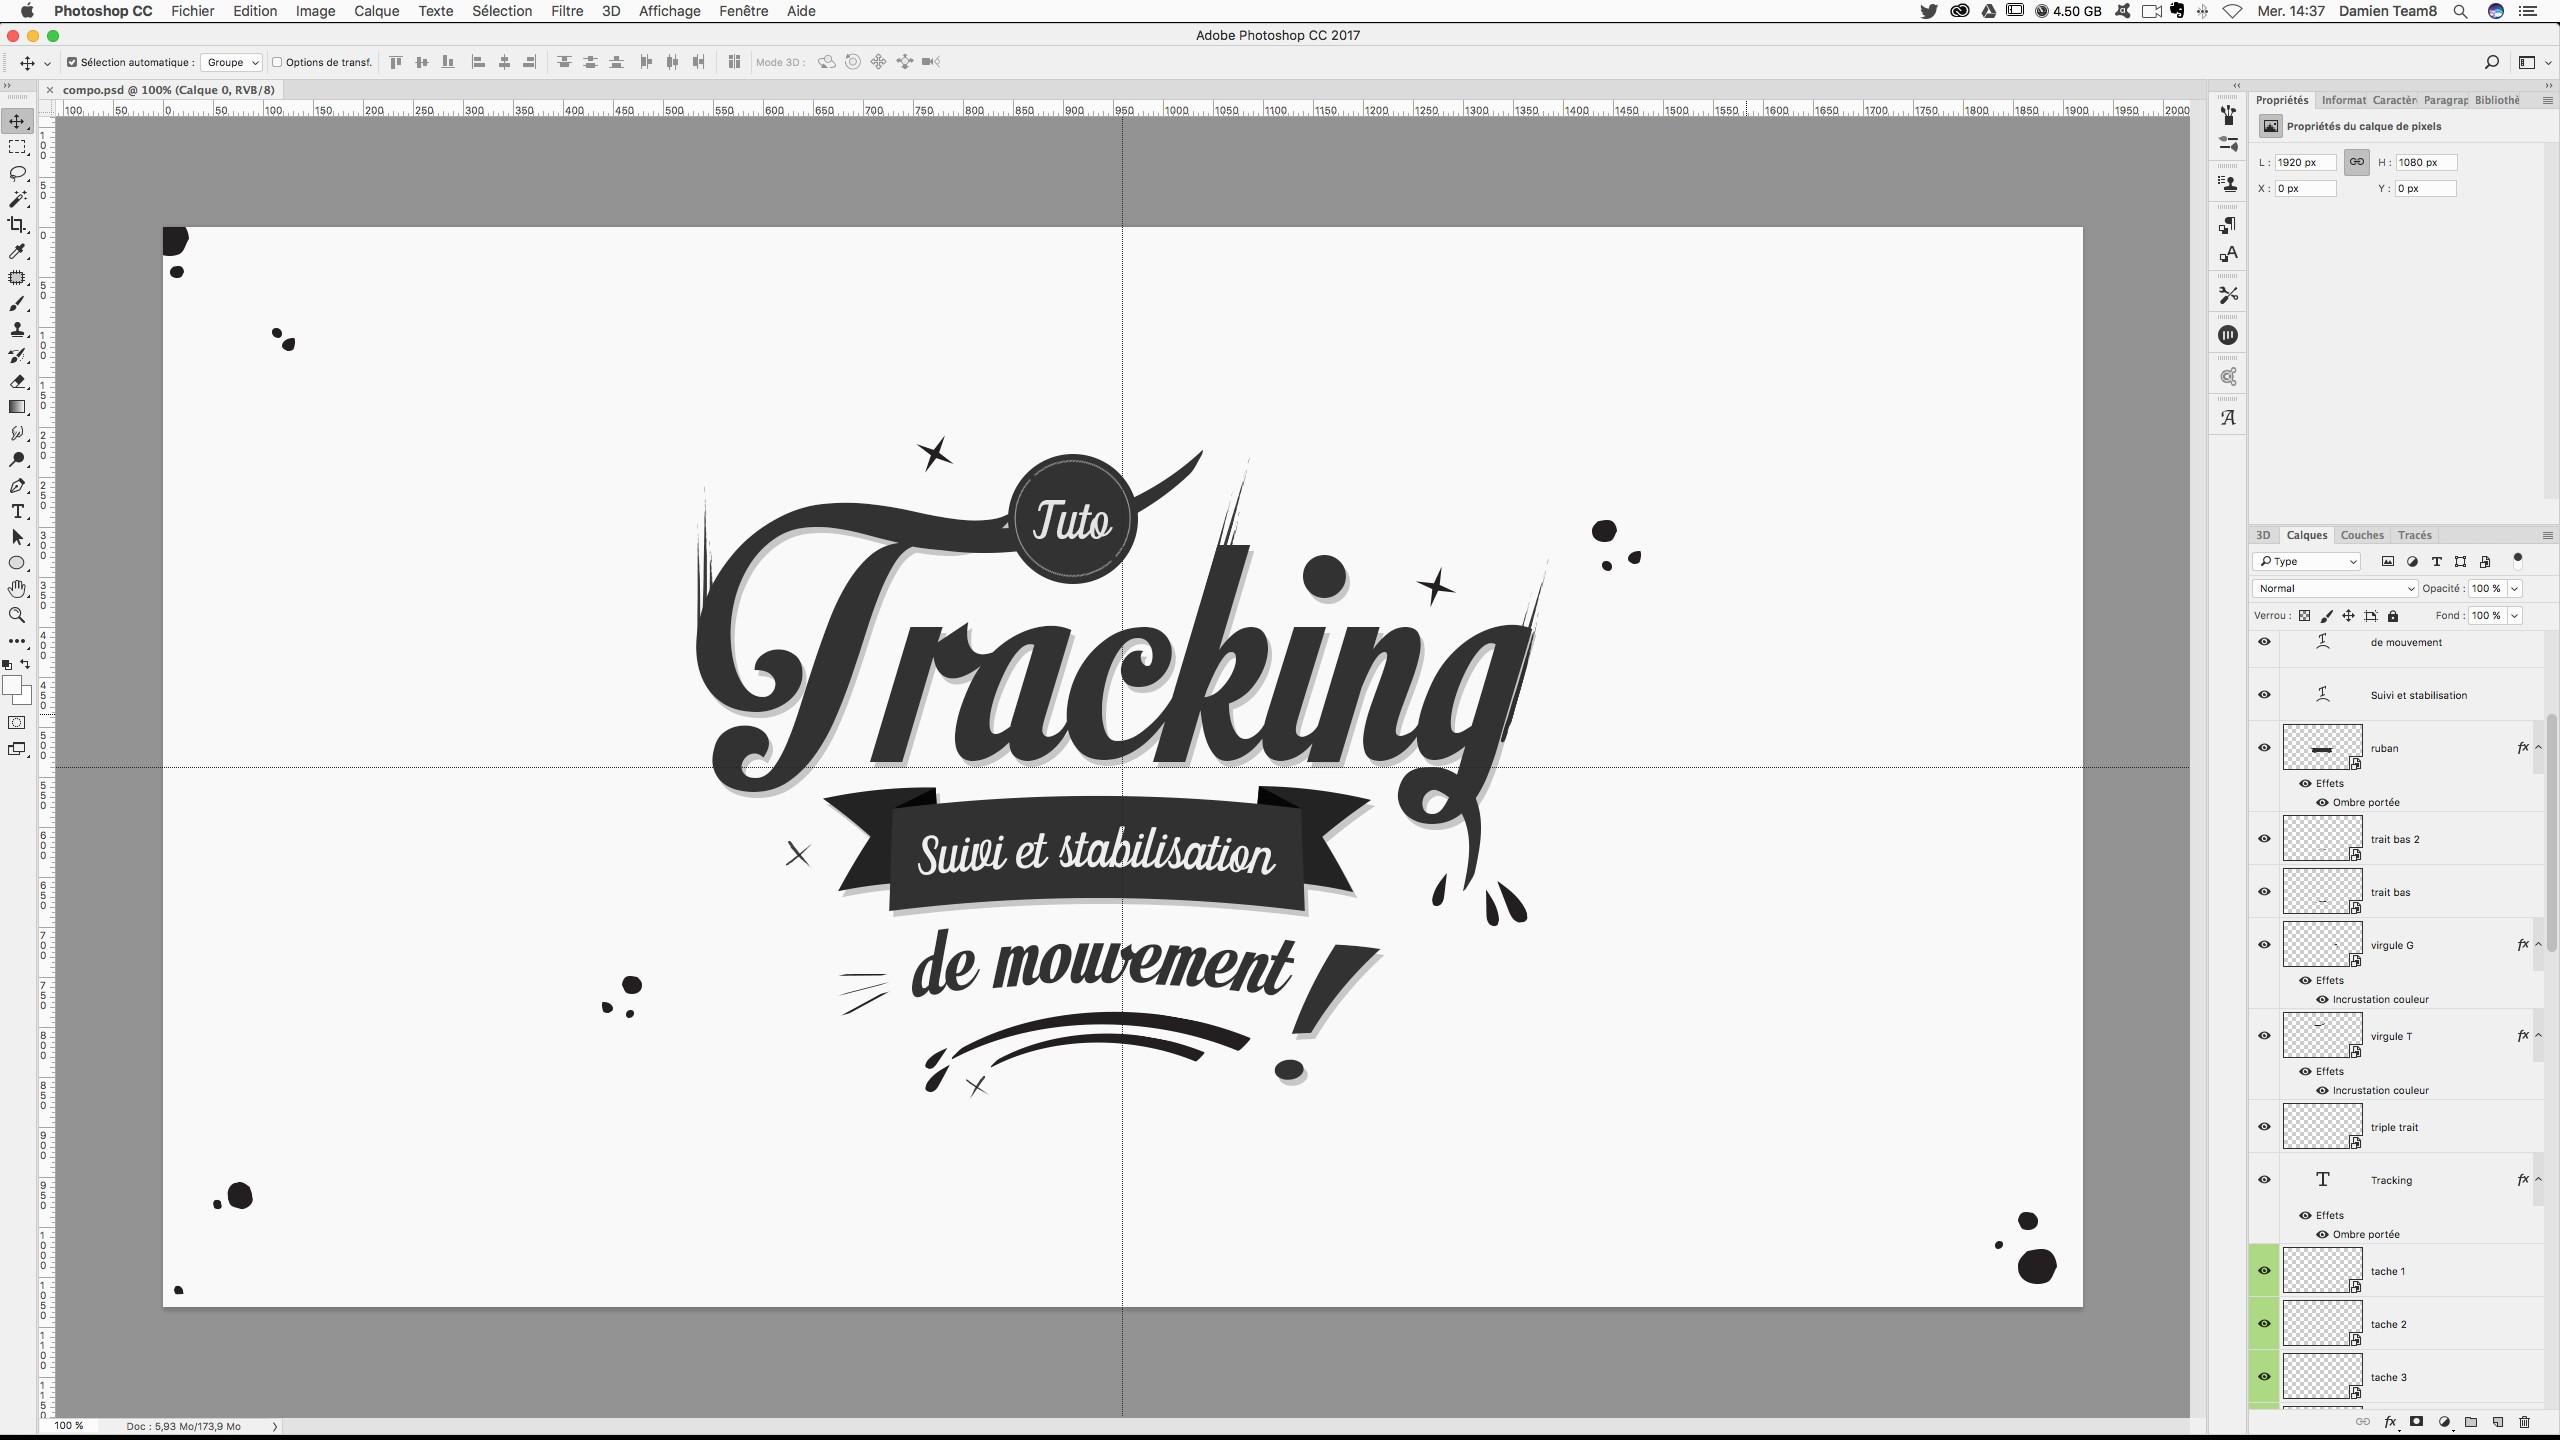 tuto tracking 2d en motion design avec des typographies et